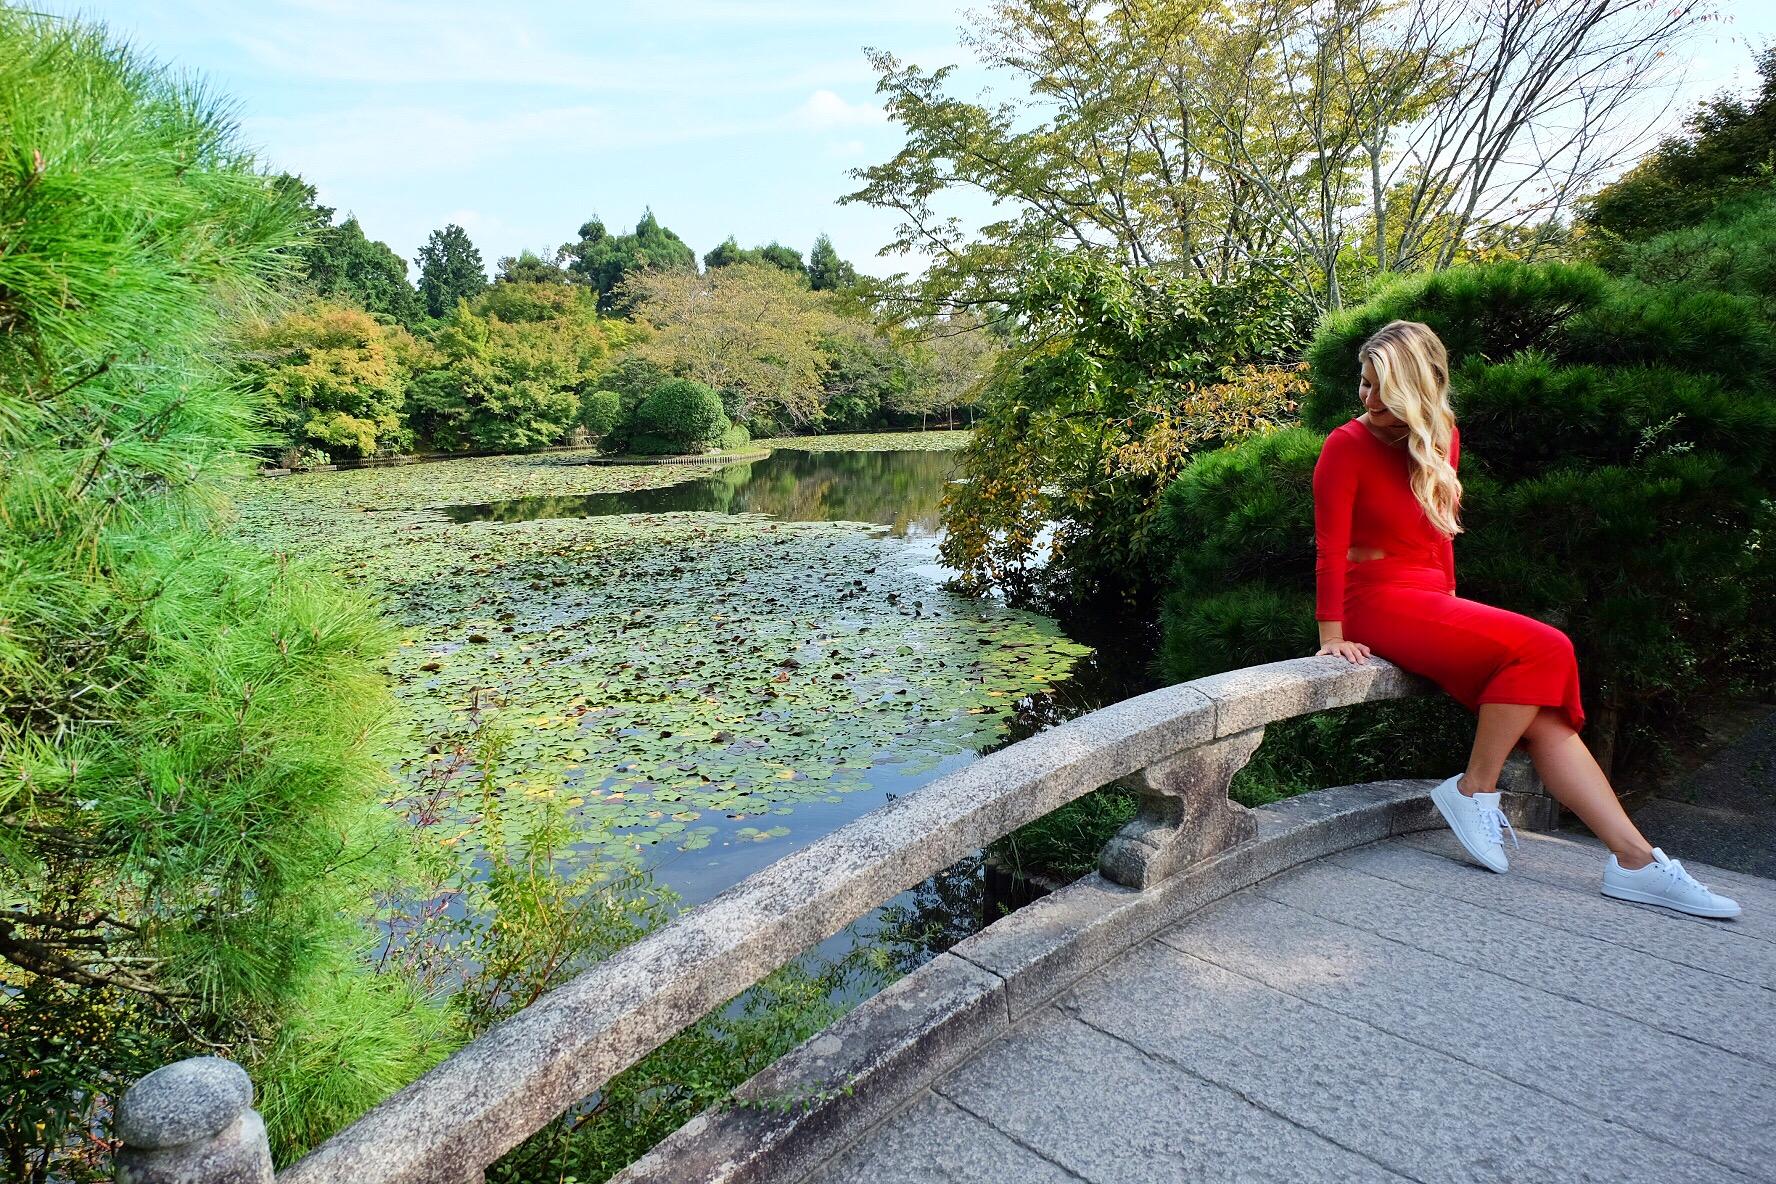 Feeling zen in a Japanese garden